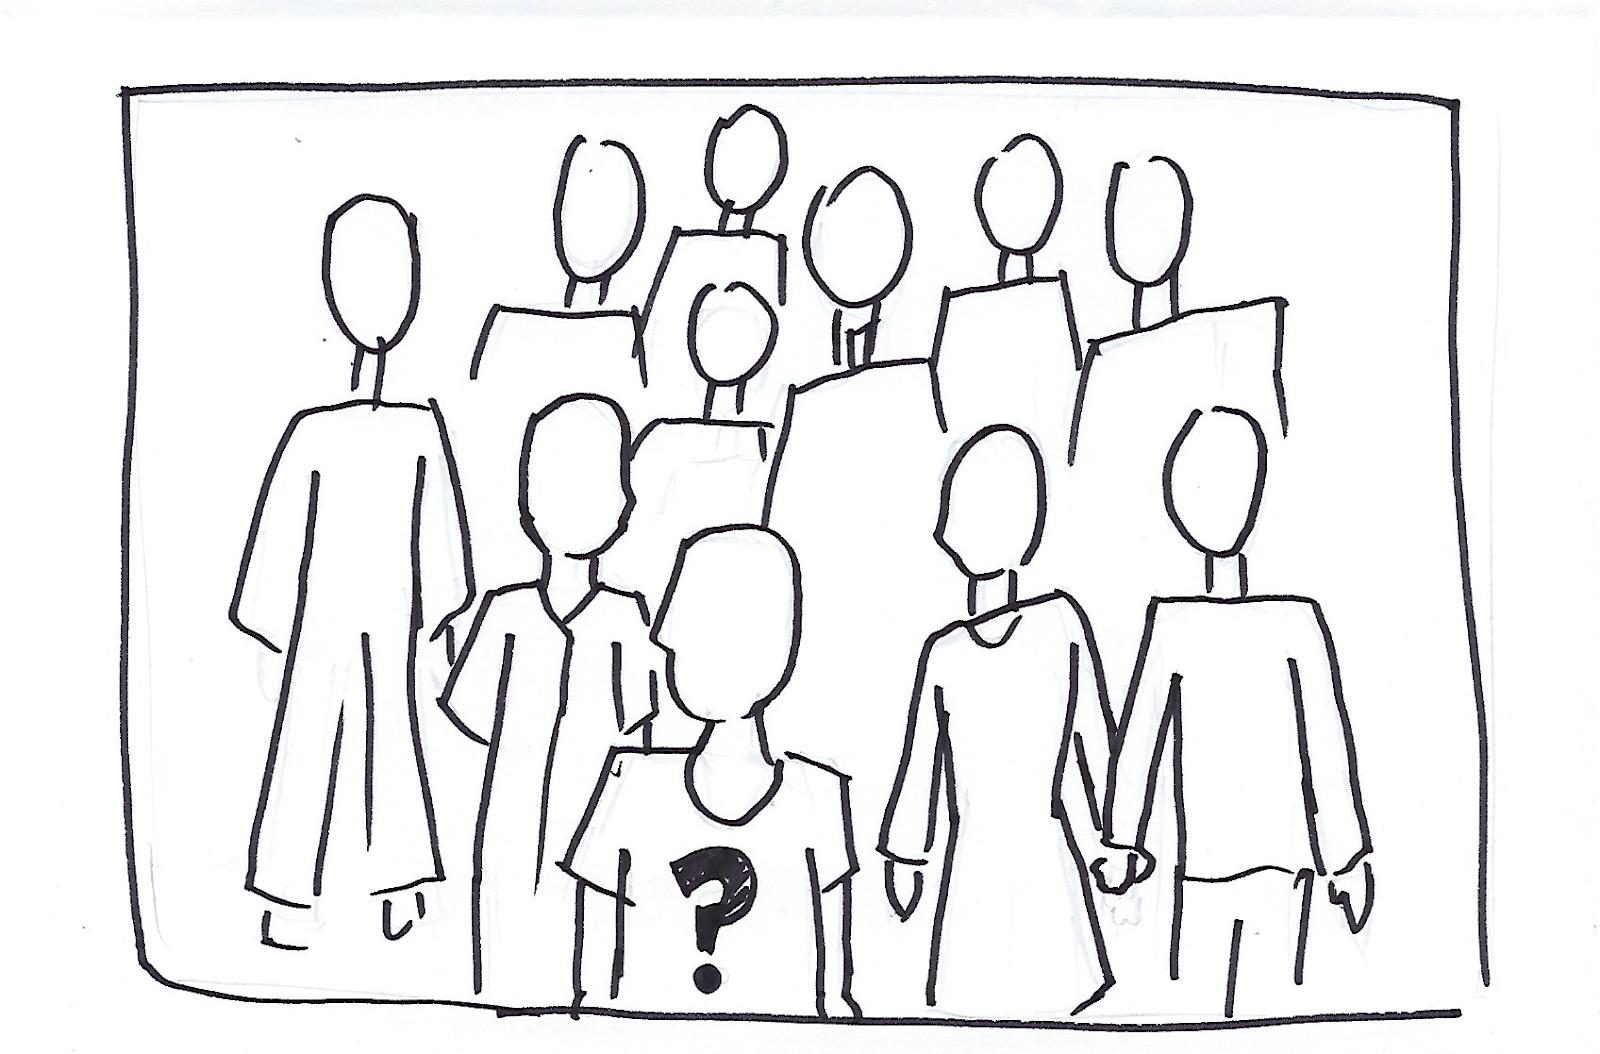 عکس چرا و چگونه می توان همدلی را در محتوای خود وارد کرد